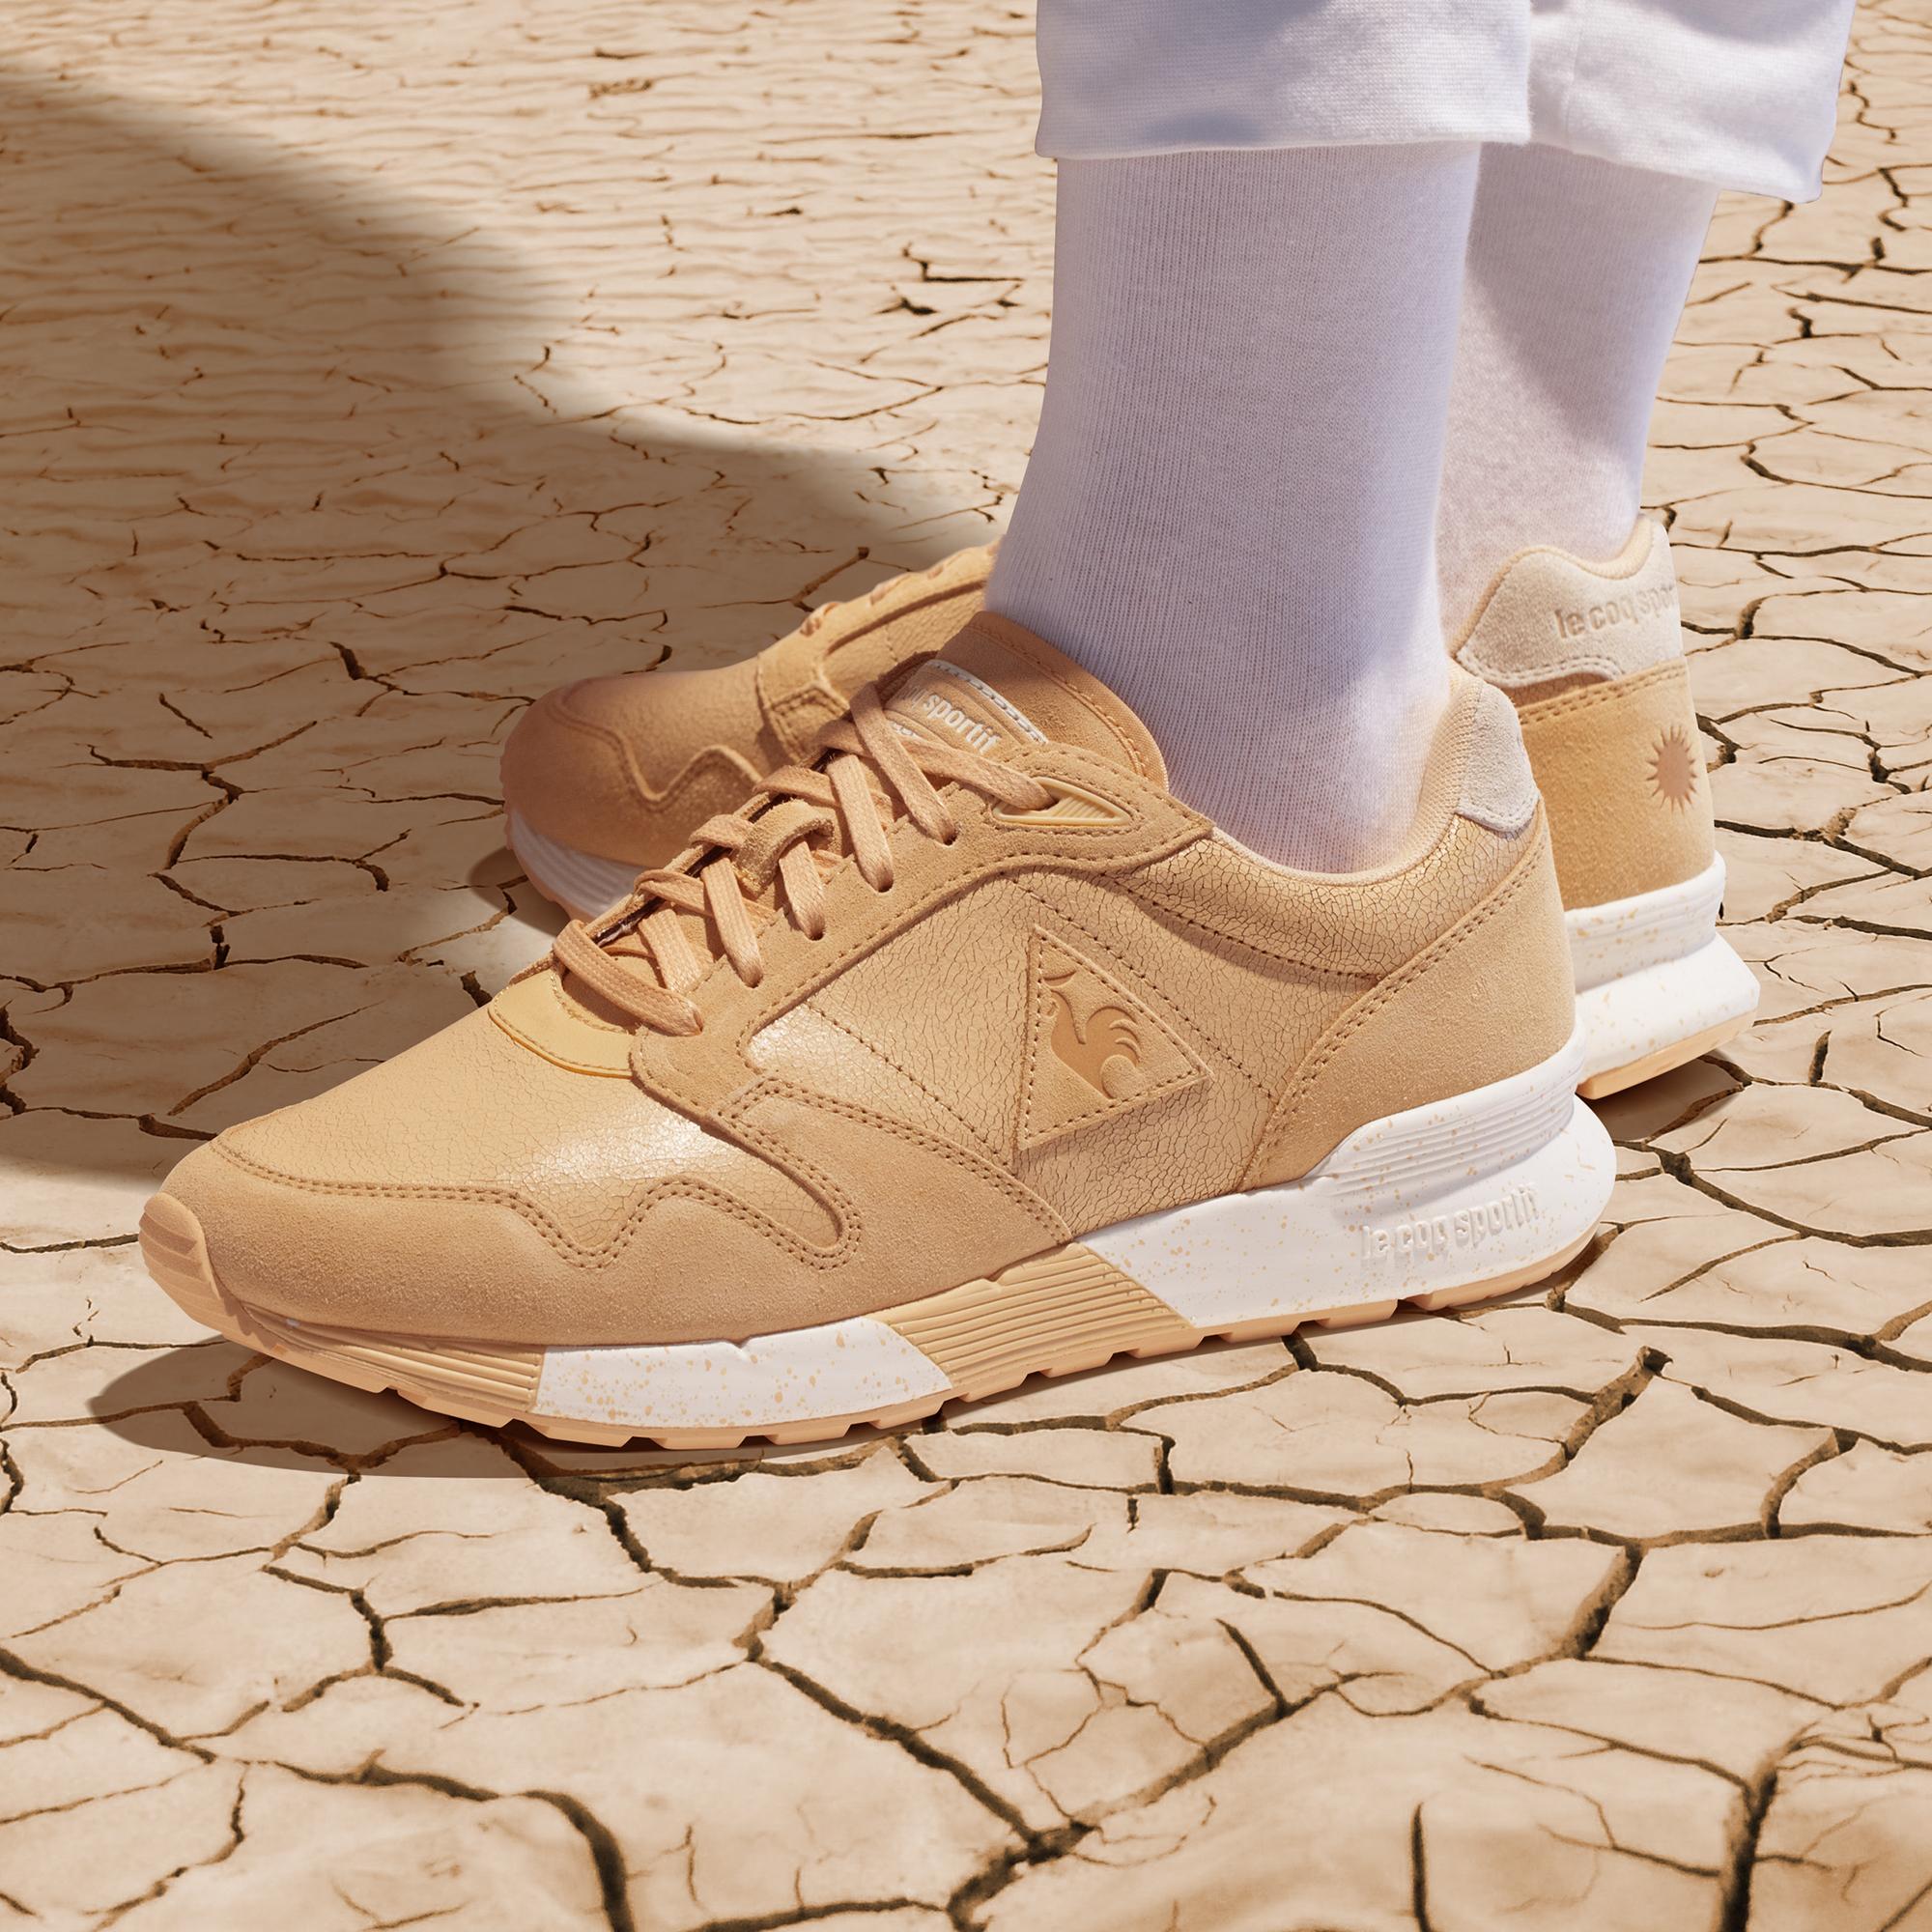 スケールでかすぎ! あのサハラ砂漠を一足のスニーカーに!?